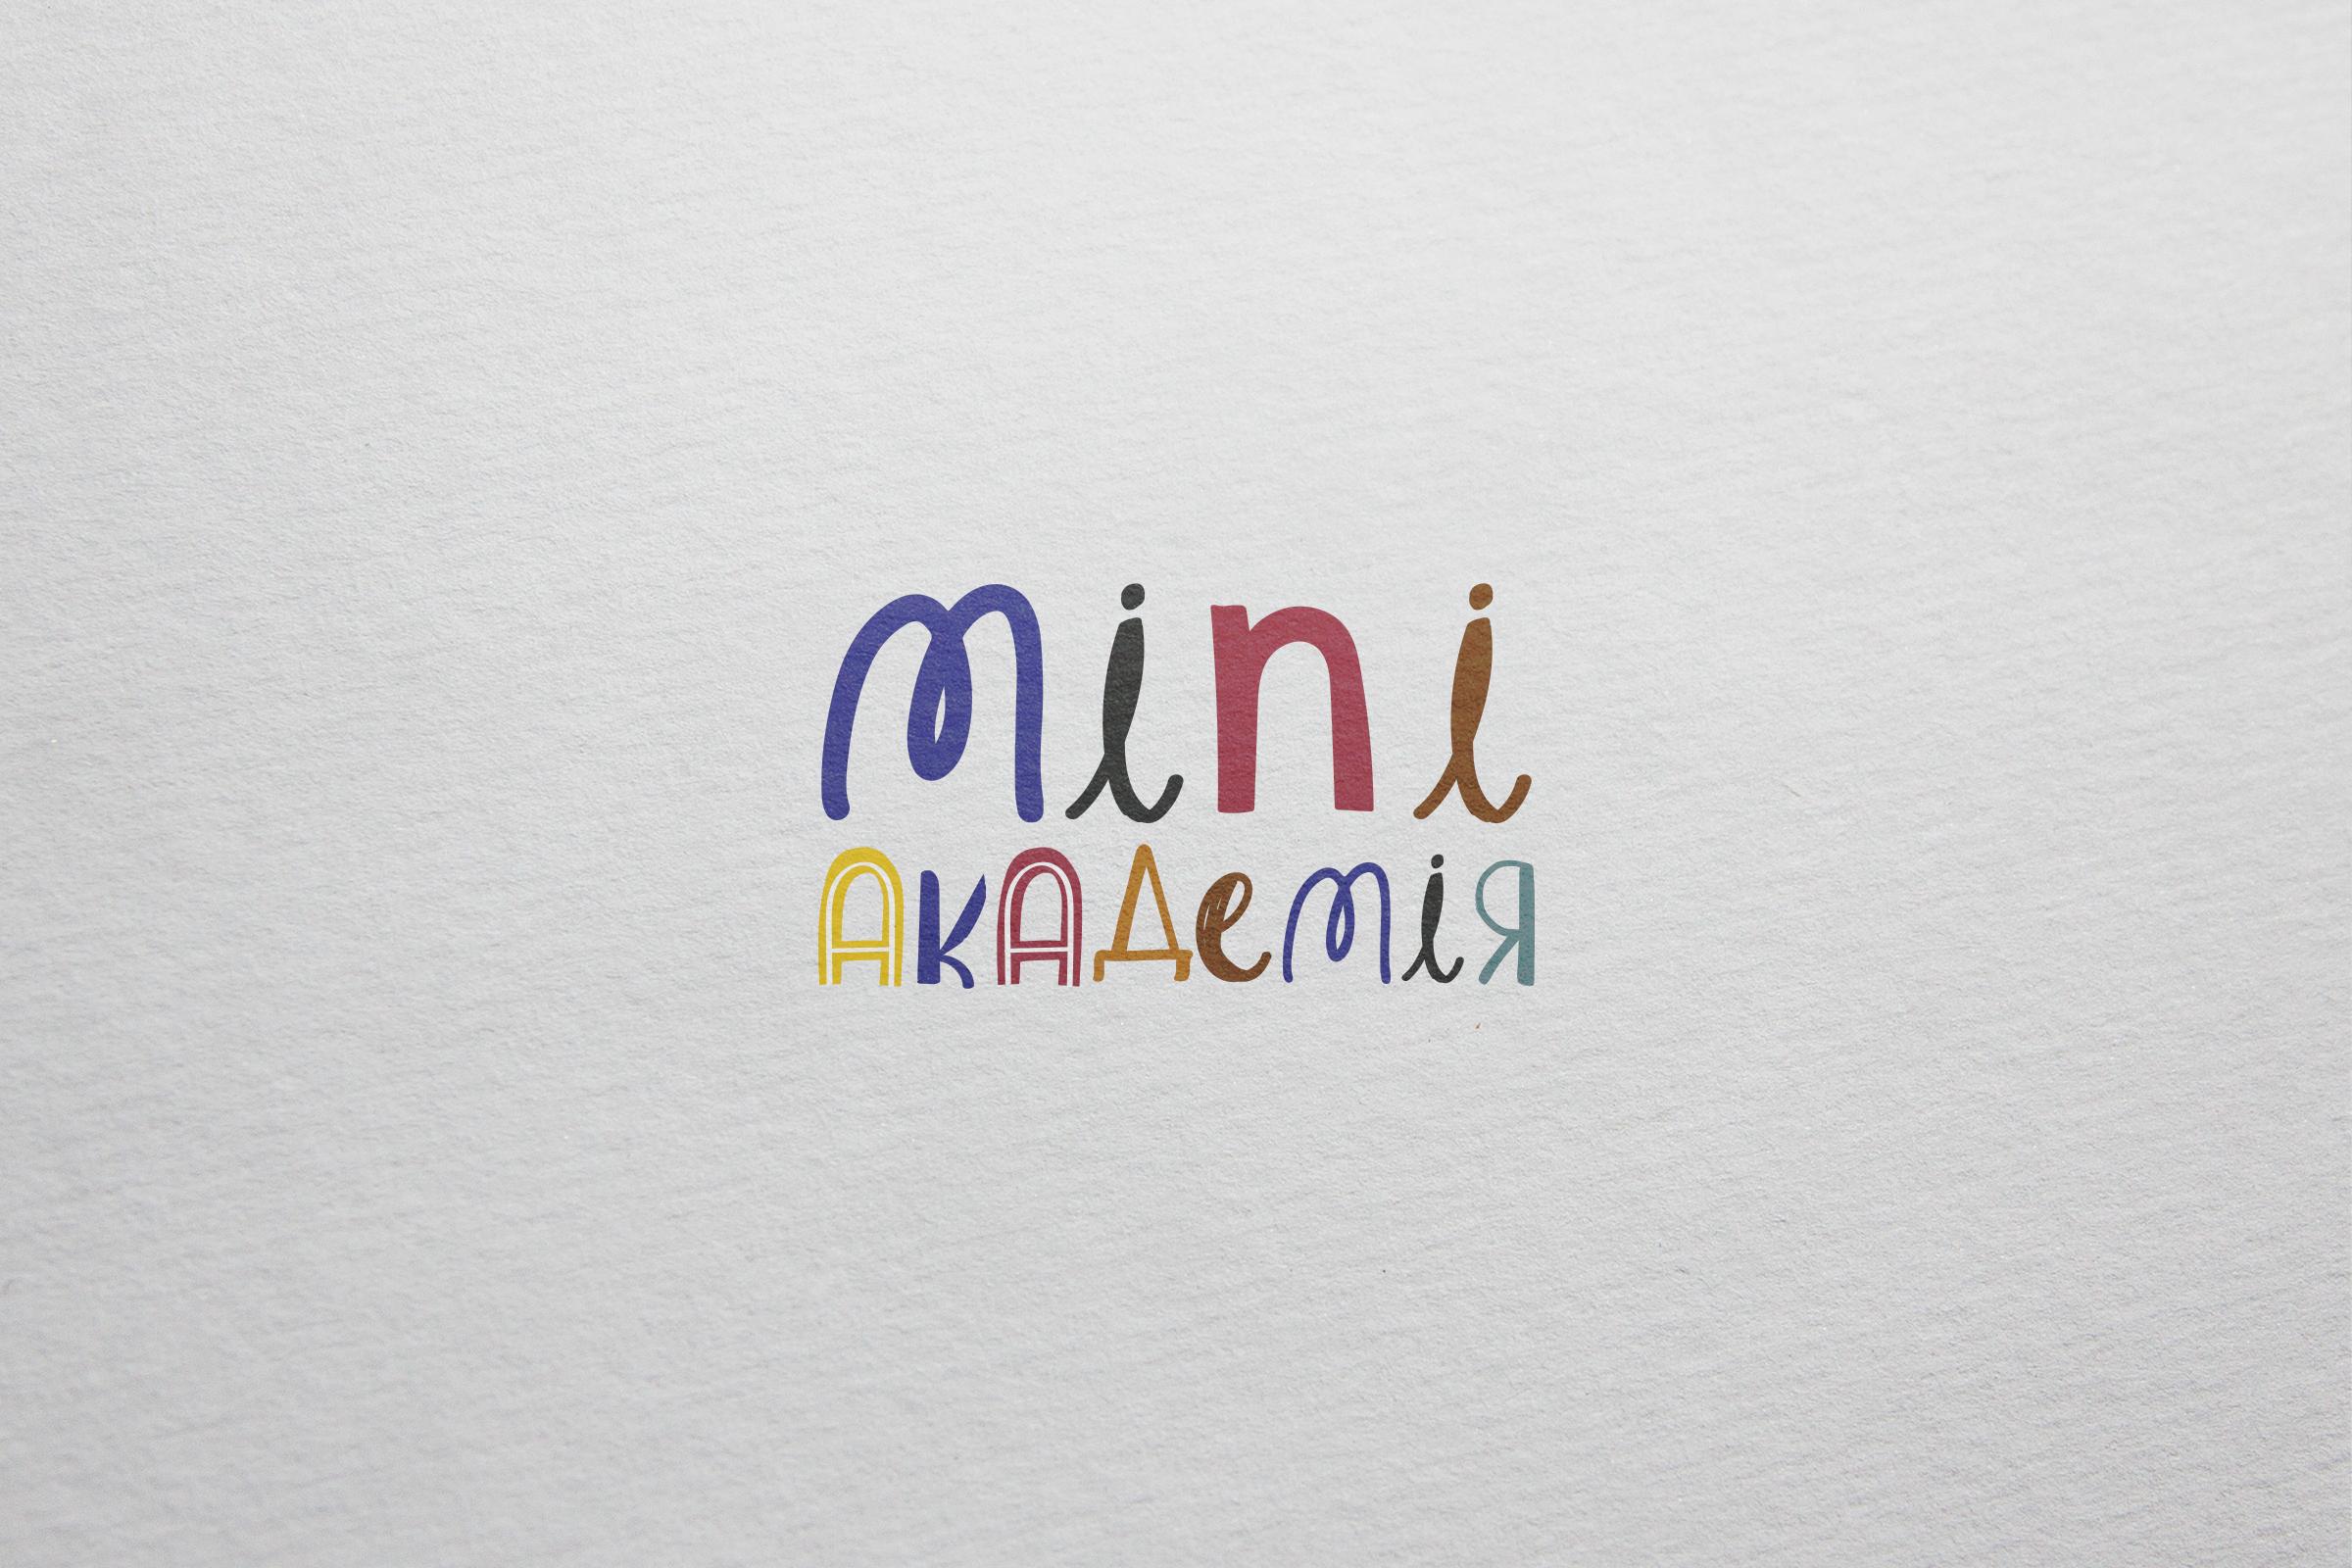 Фото Логотип для дошкольной академии, Киев